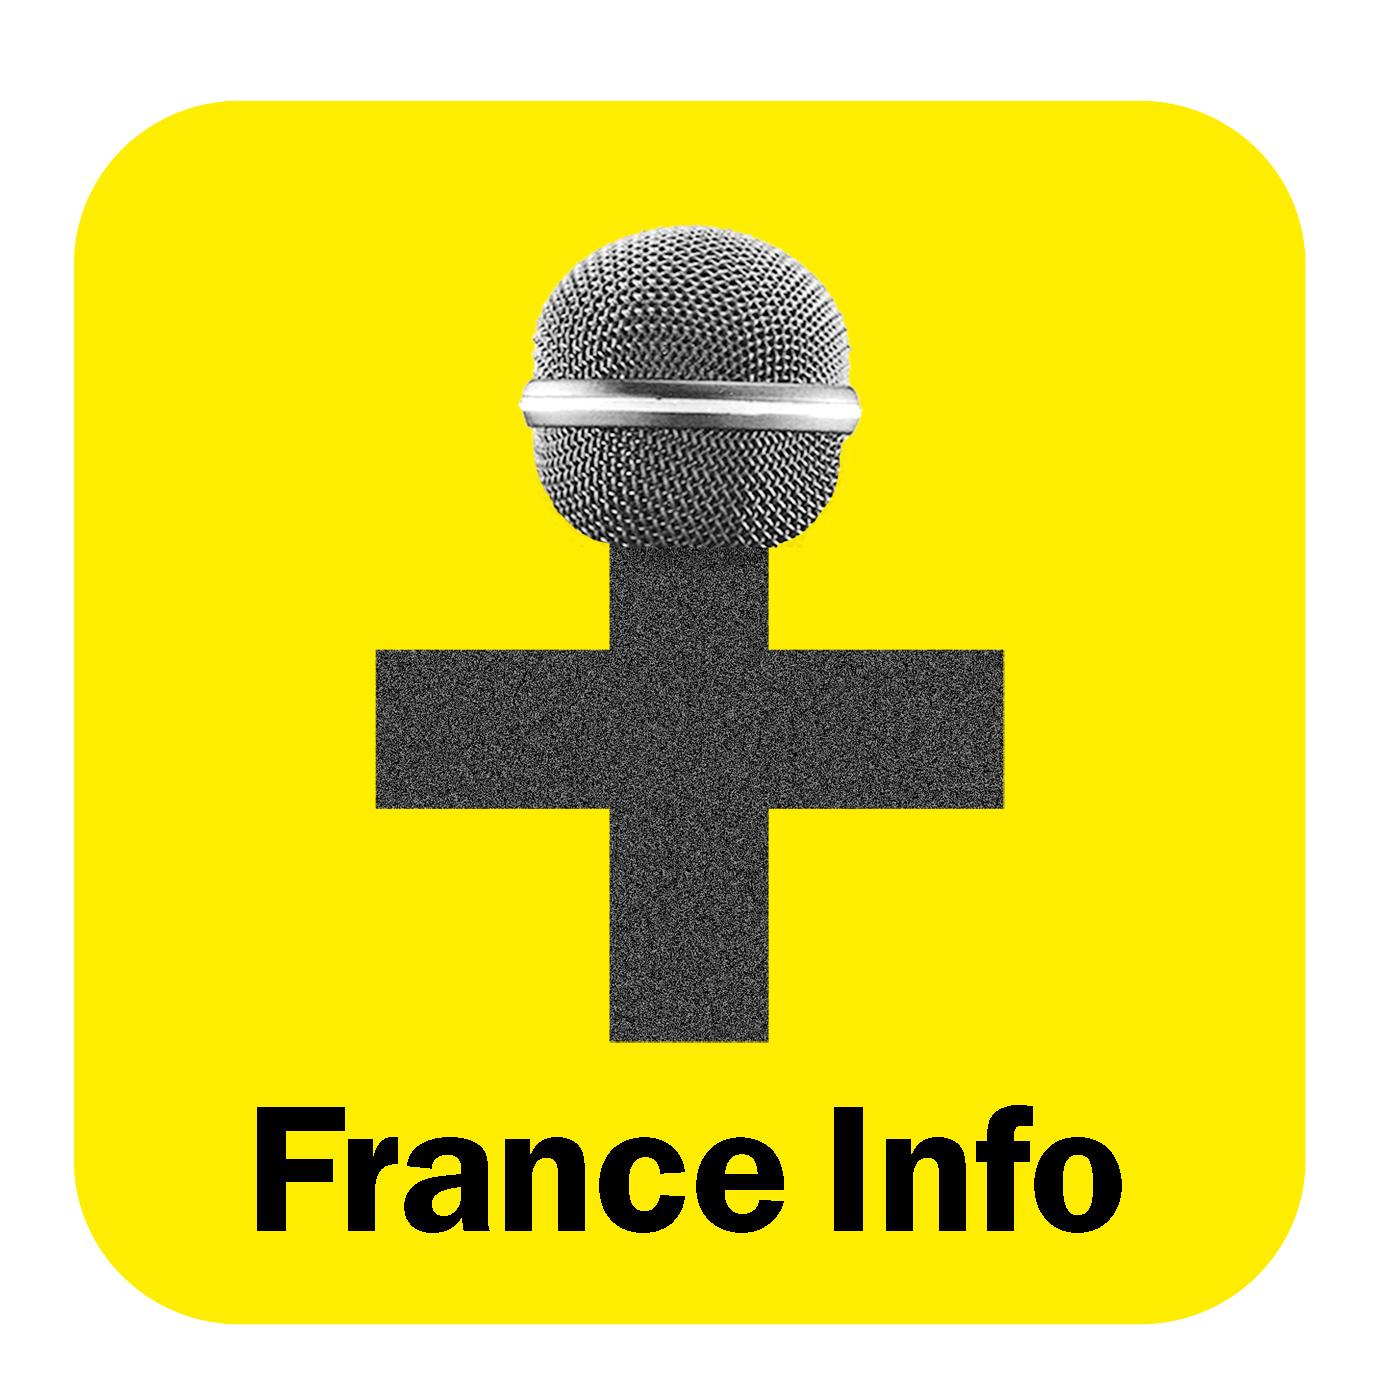 Le Plus France Info